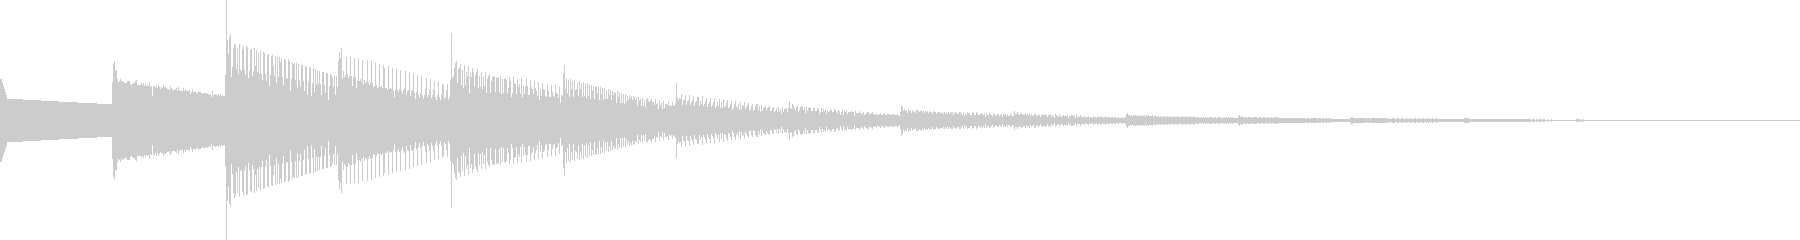 ピロポン(ピコピコ/回復/チャイム/魔法の未再生の波形